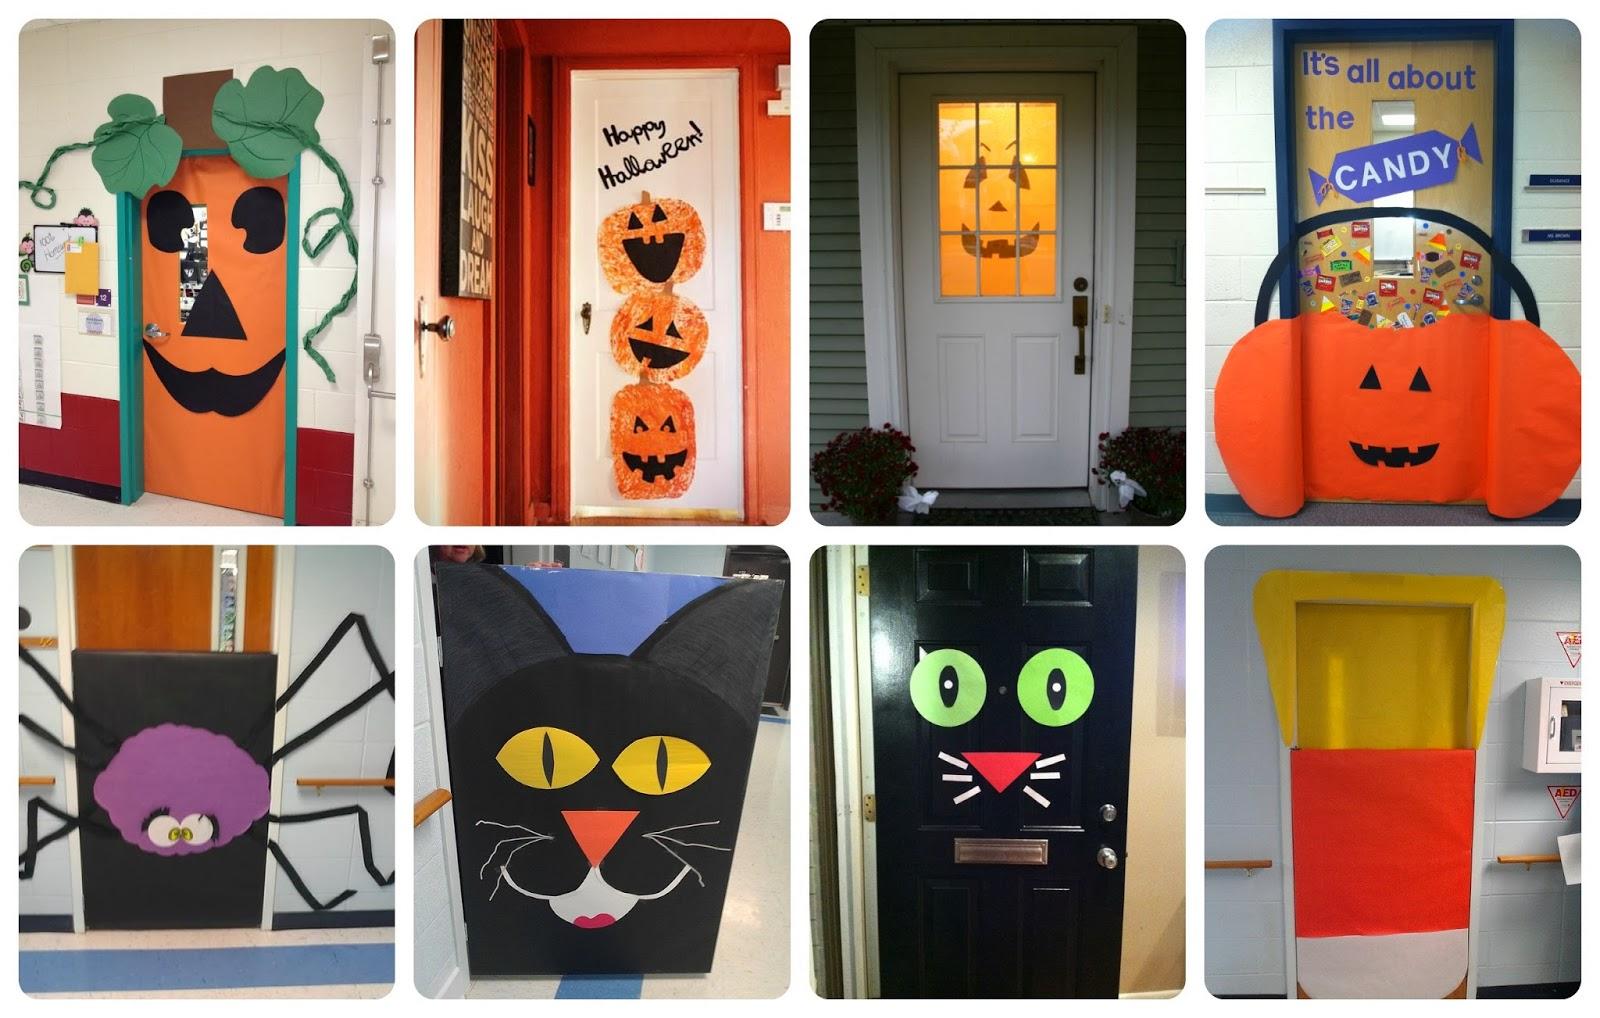 Halloween puertas 19 imagenes educativas for Puertas decoradas halloween calabaza